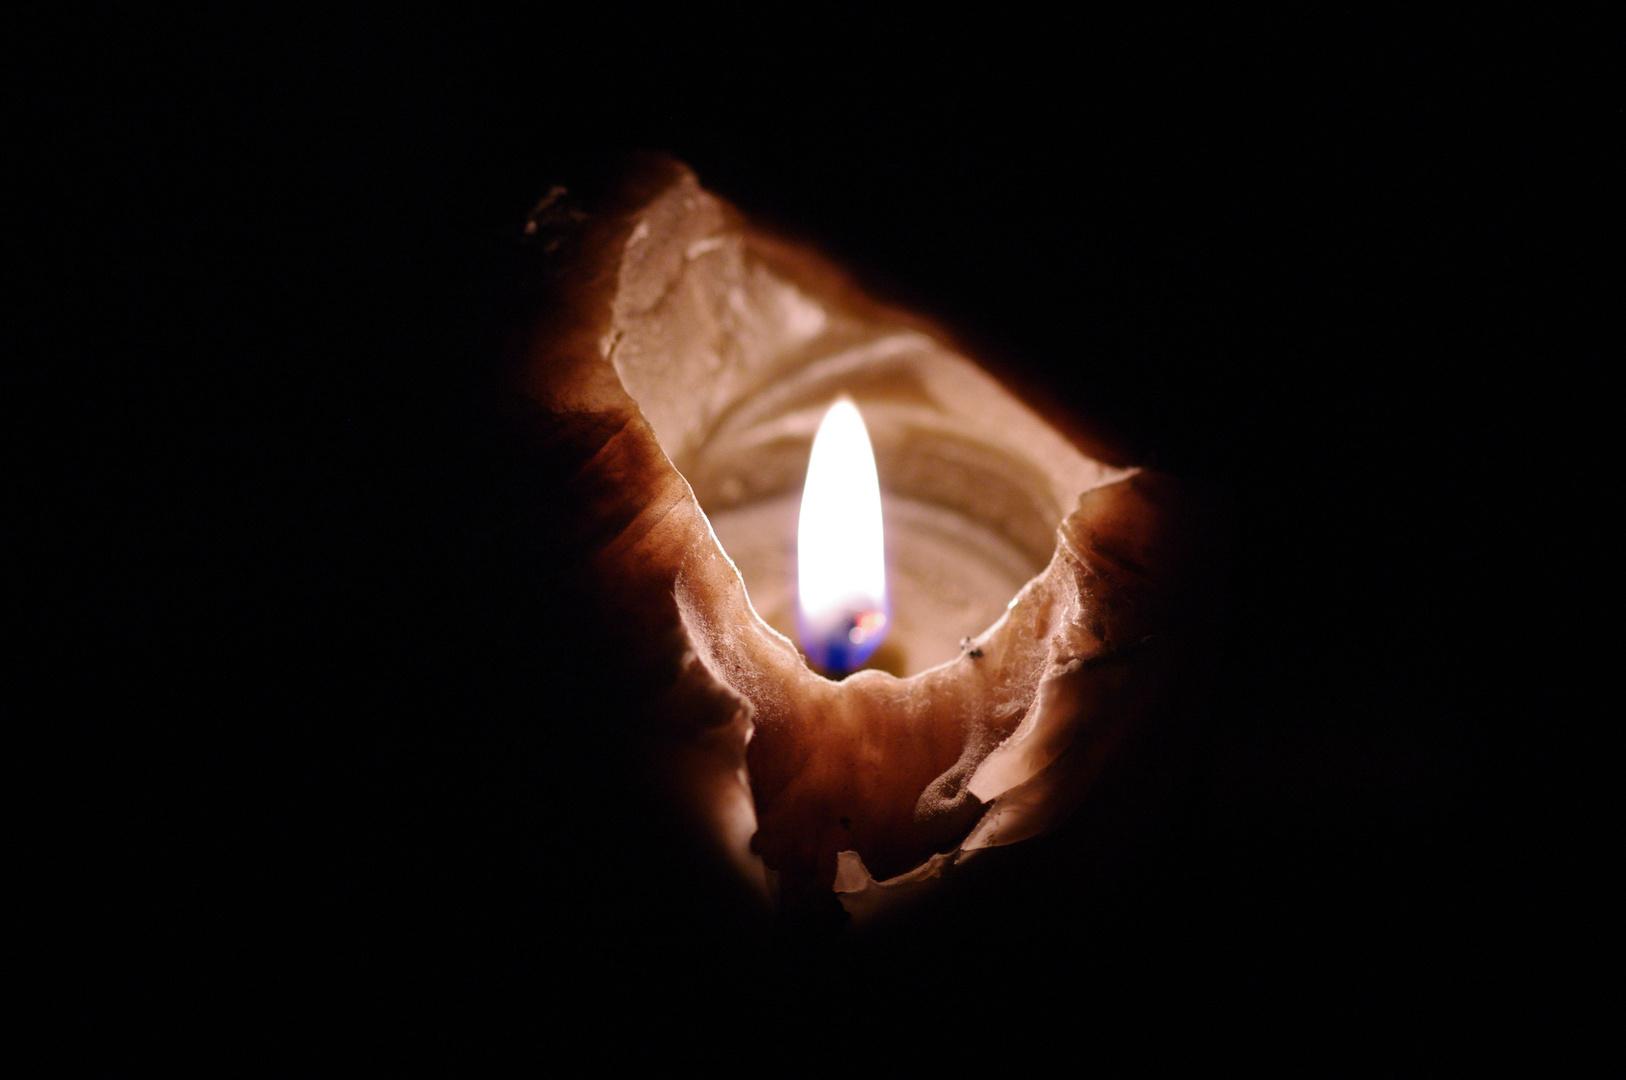 Une flamme dans la nuit